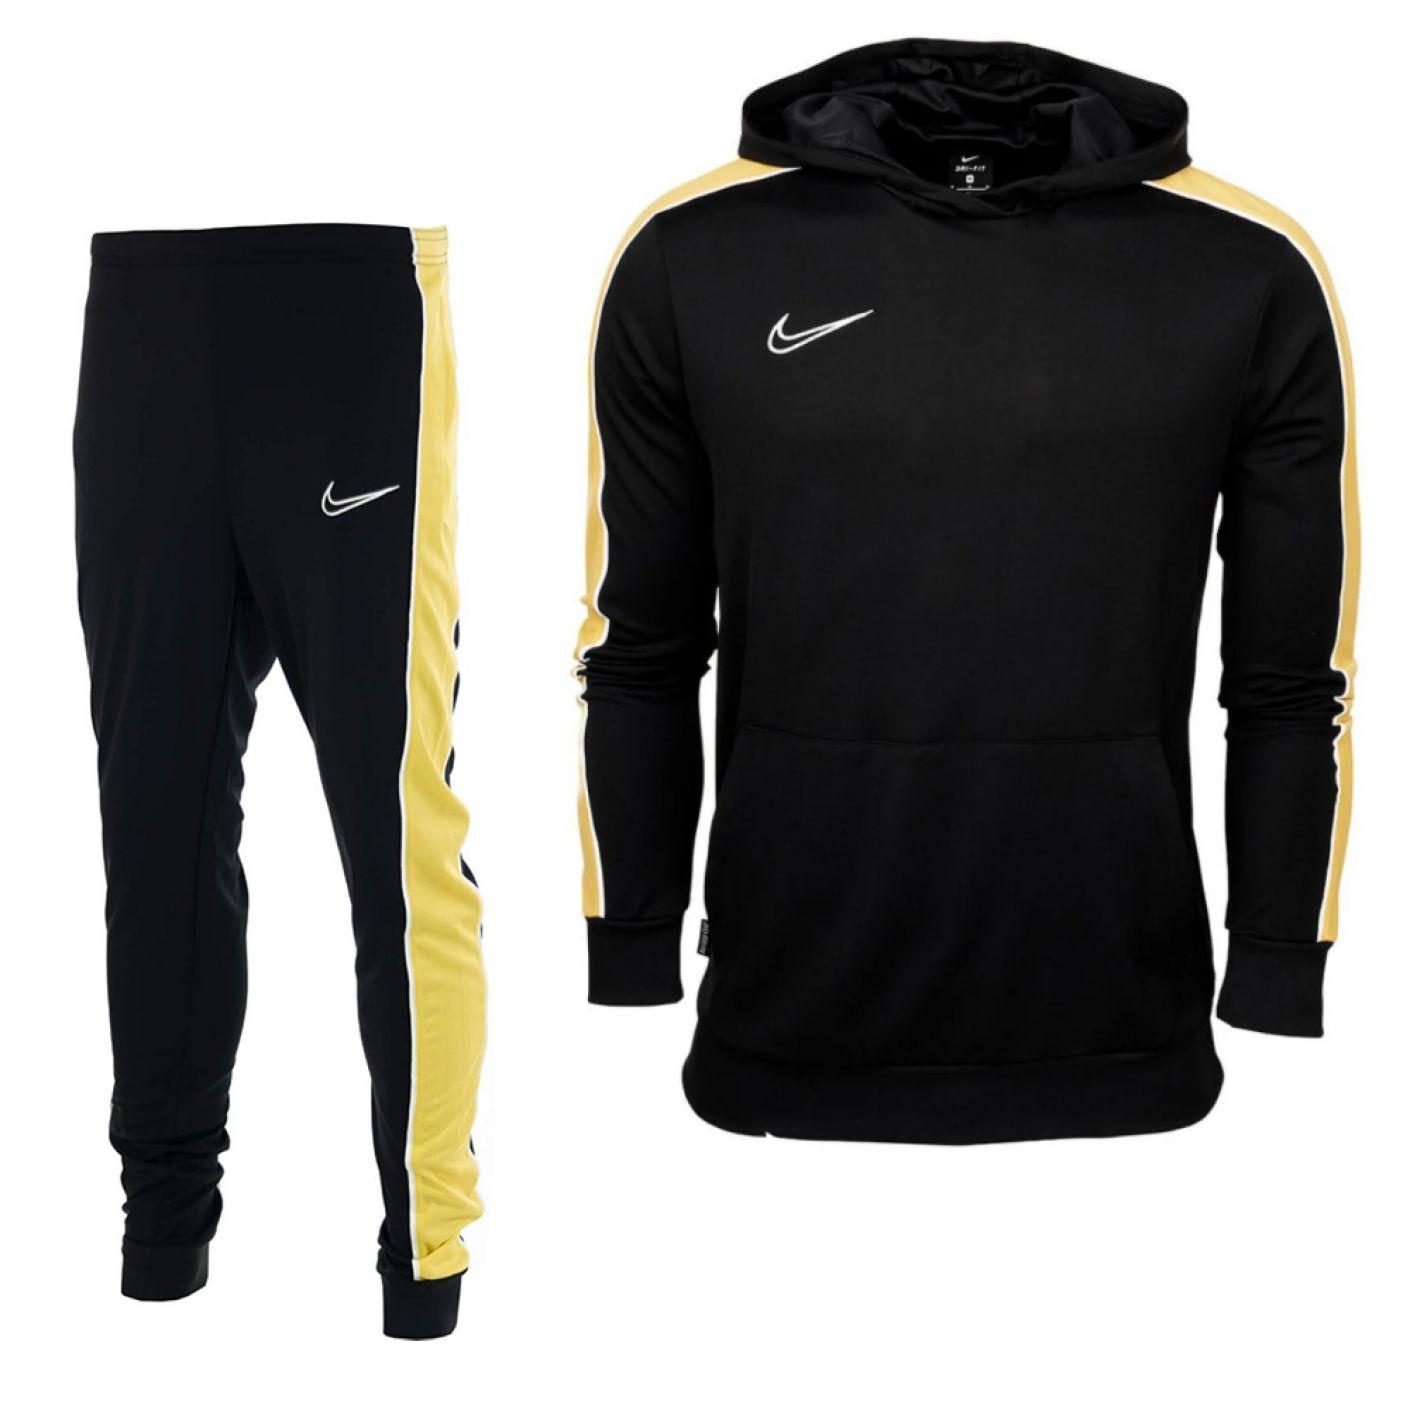 Nike Dry Academy Trainingspak Kids Zwart Goud Wit